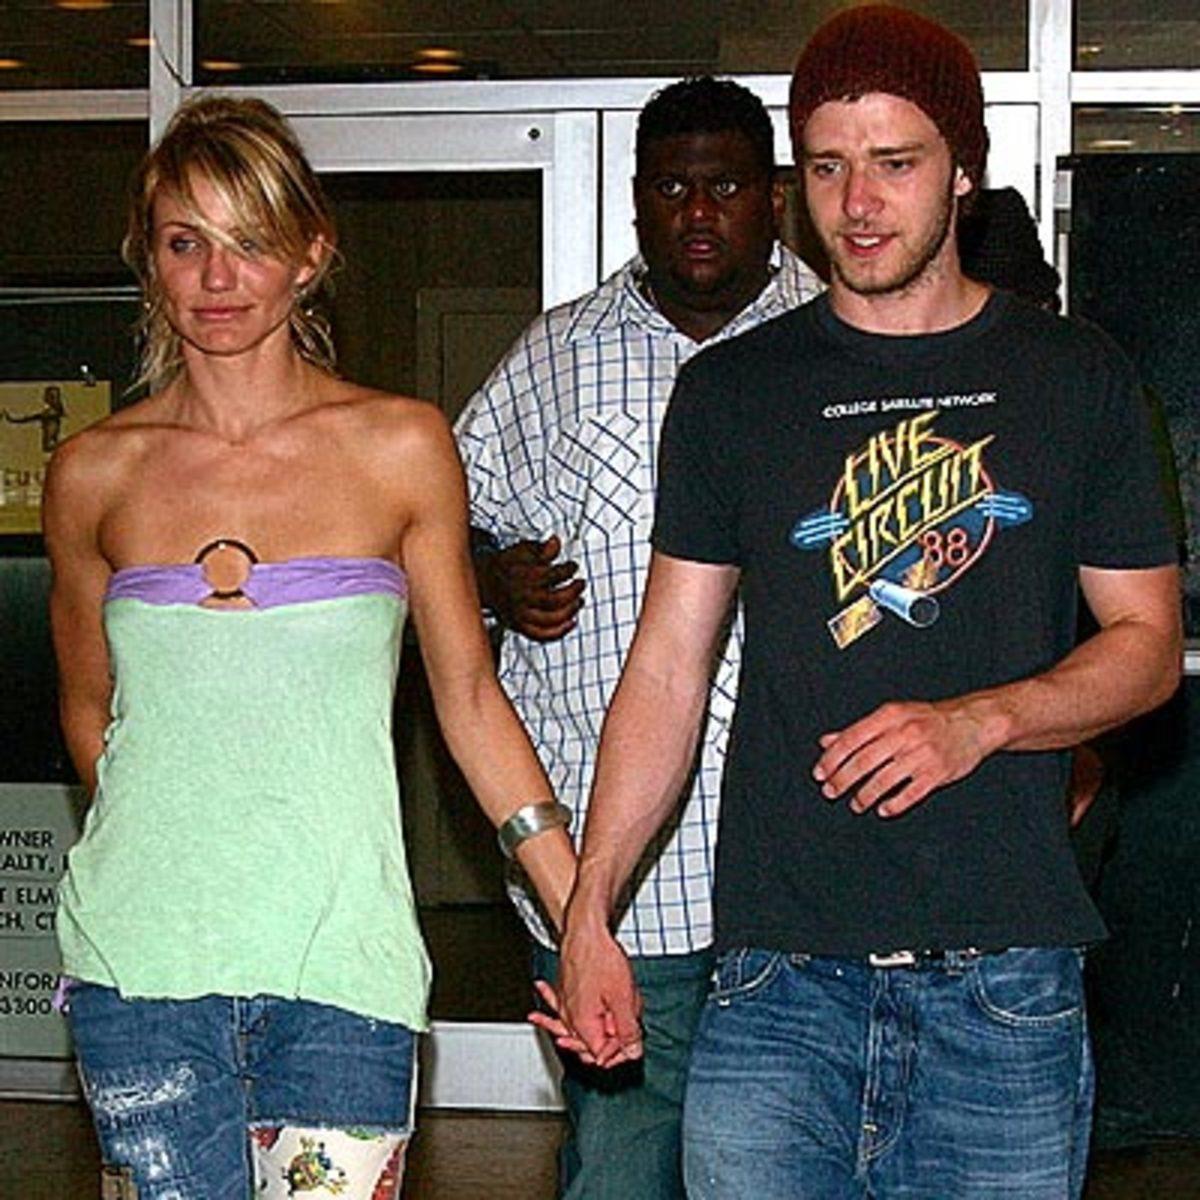 Επανασύνδεση του Timberlake και της Diaz | Newsit.gr